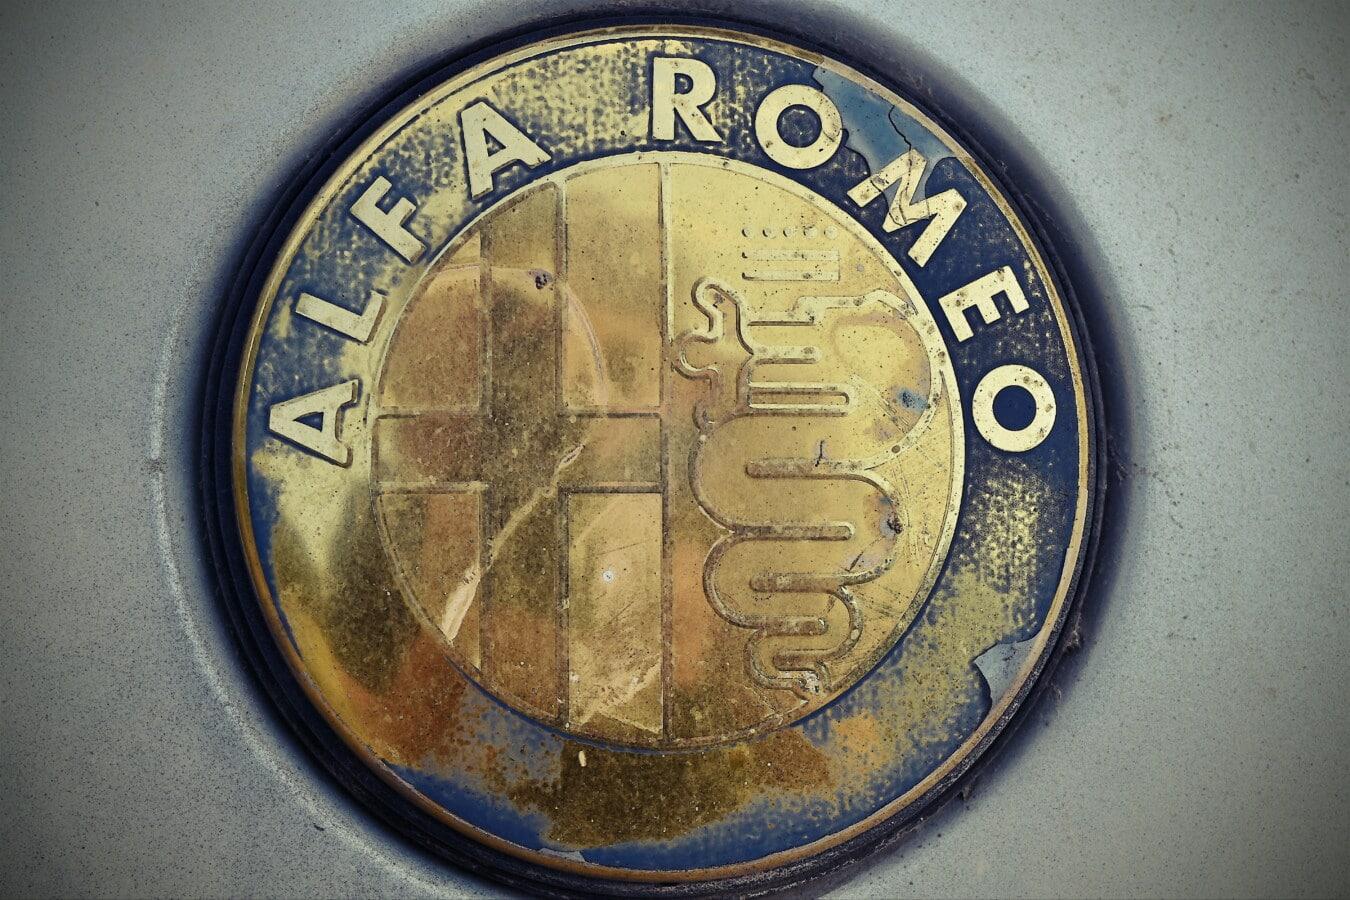 Alfa Romeo, aus nächster Nähe, Symbol, dreckig, Verfall, alt, Altmodisch, metallische, Chrom, Retro